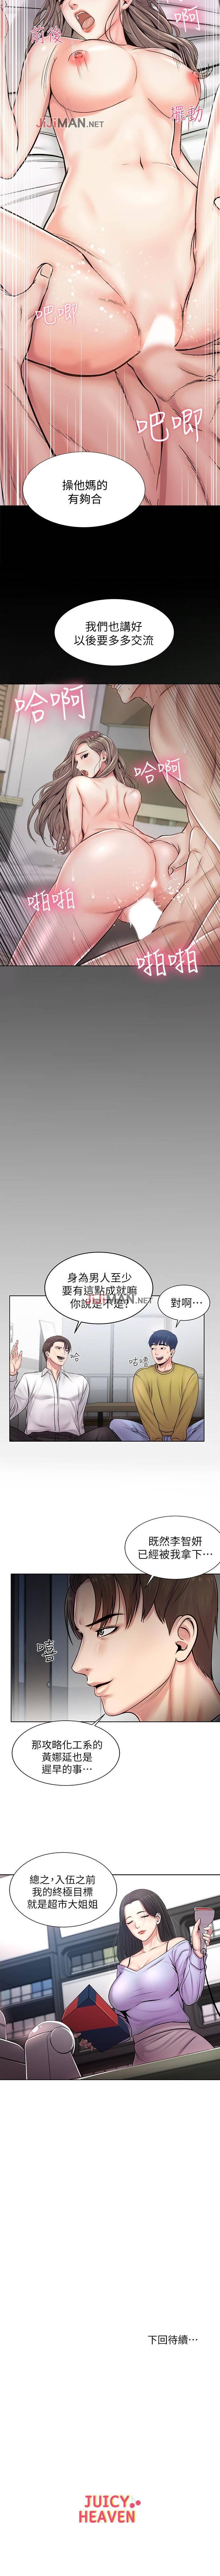 【周三连载】超市的漂亮姐姐(作者:北鼻&逃兵) 第1~20话 8